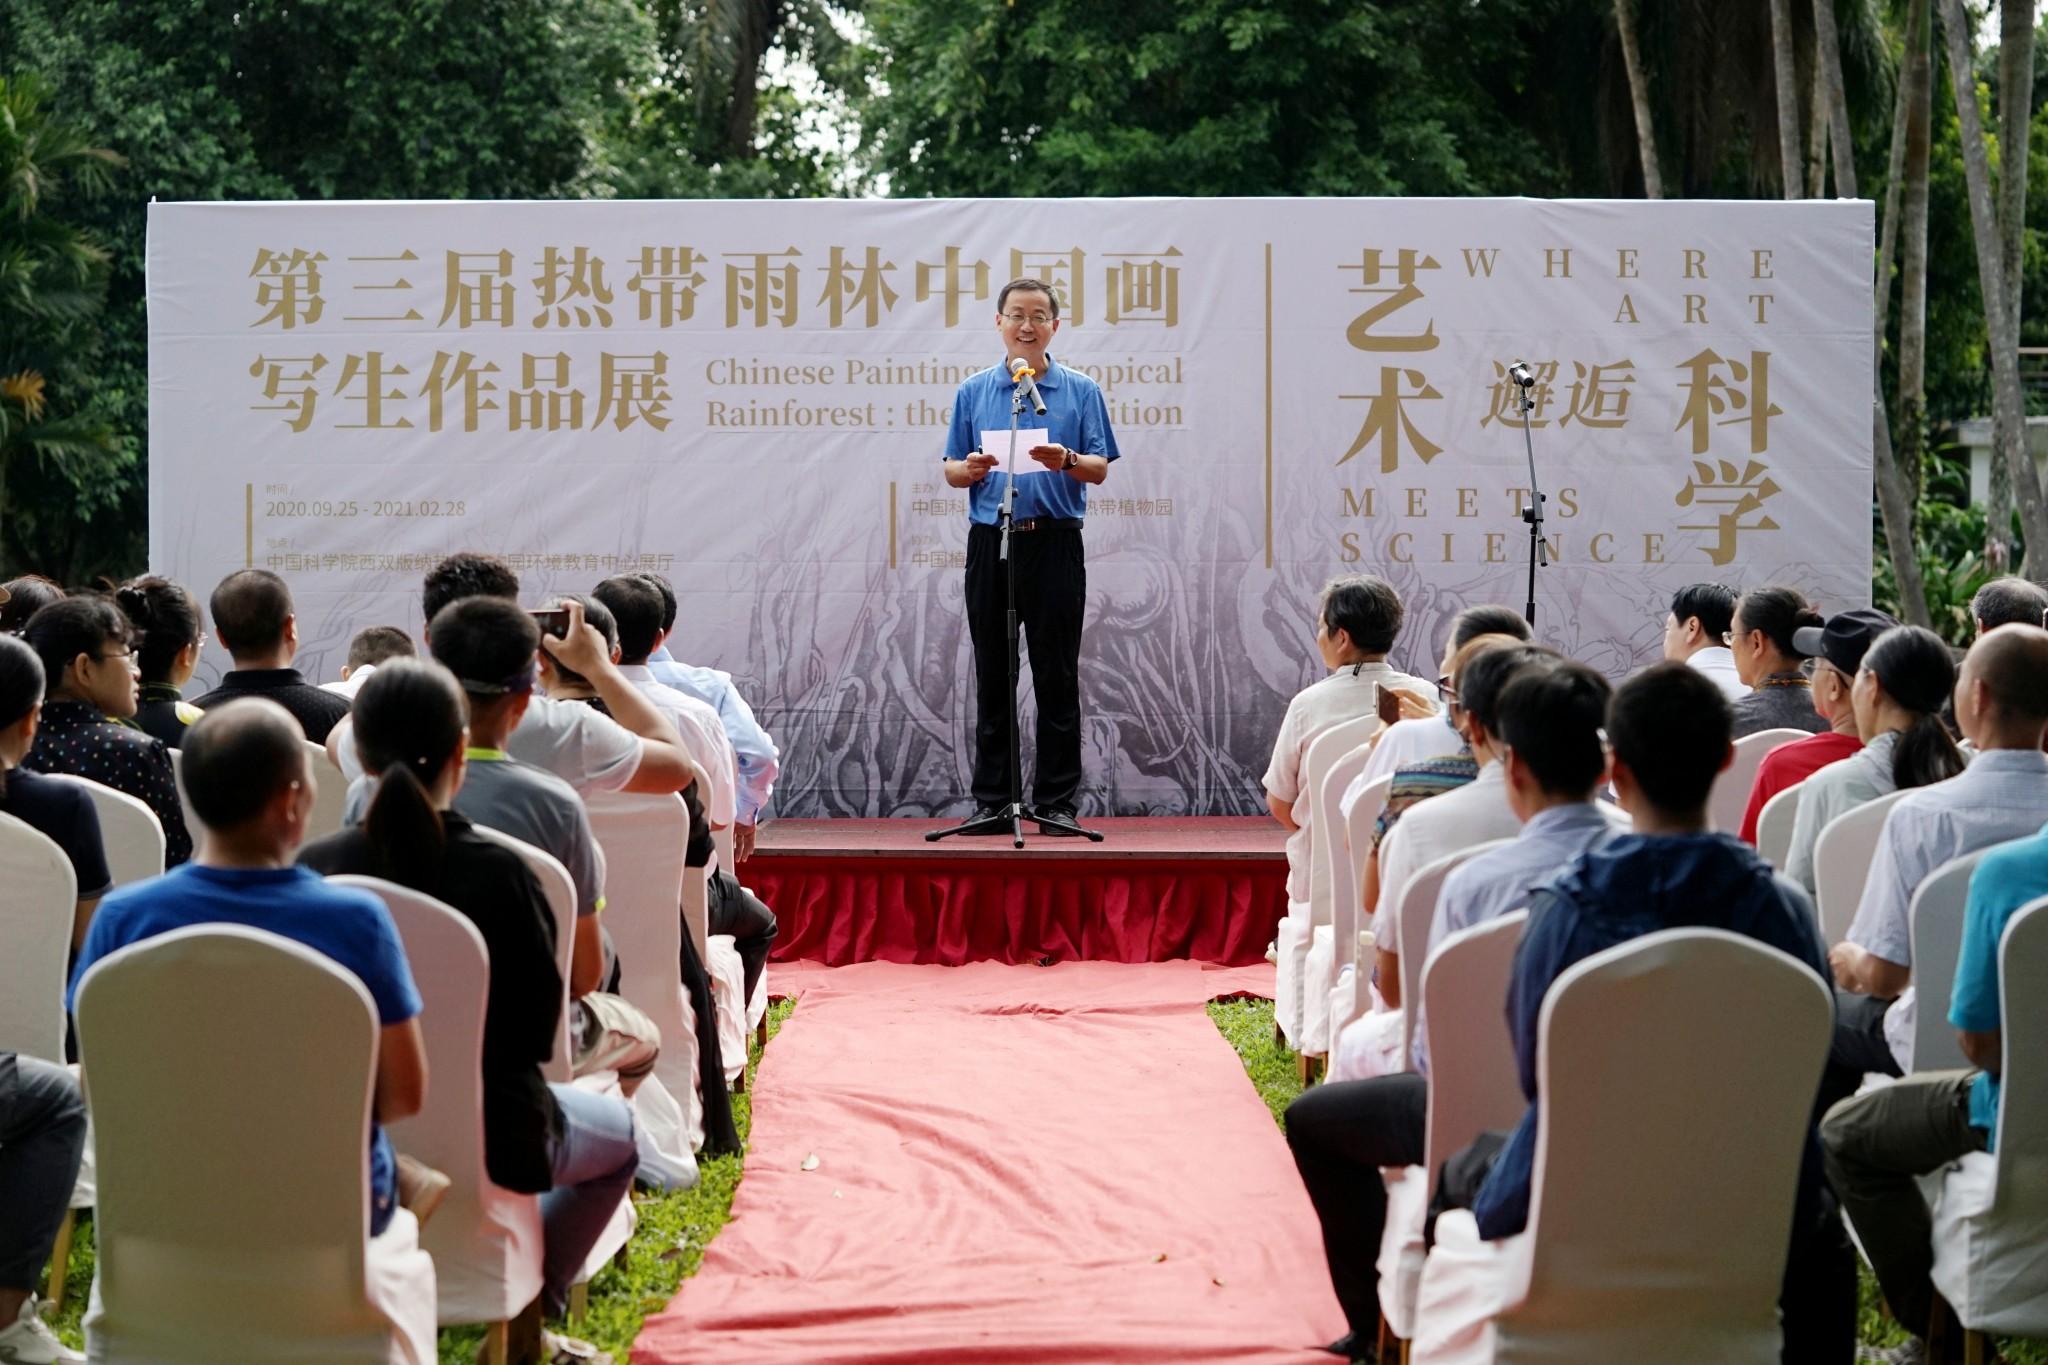 9月25日,第三届艺术邂逅科学——热带雨林中国画写生作品展开幕。版纳植物园副主任胡华斌主持开幕式。(摄影/玉最东)